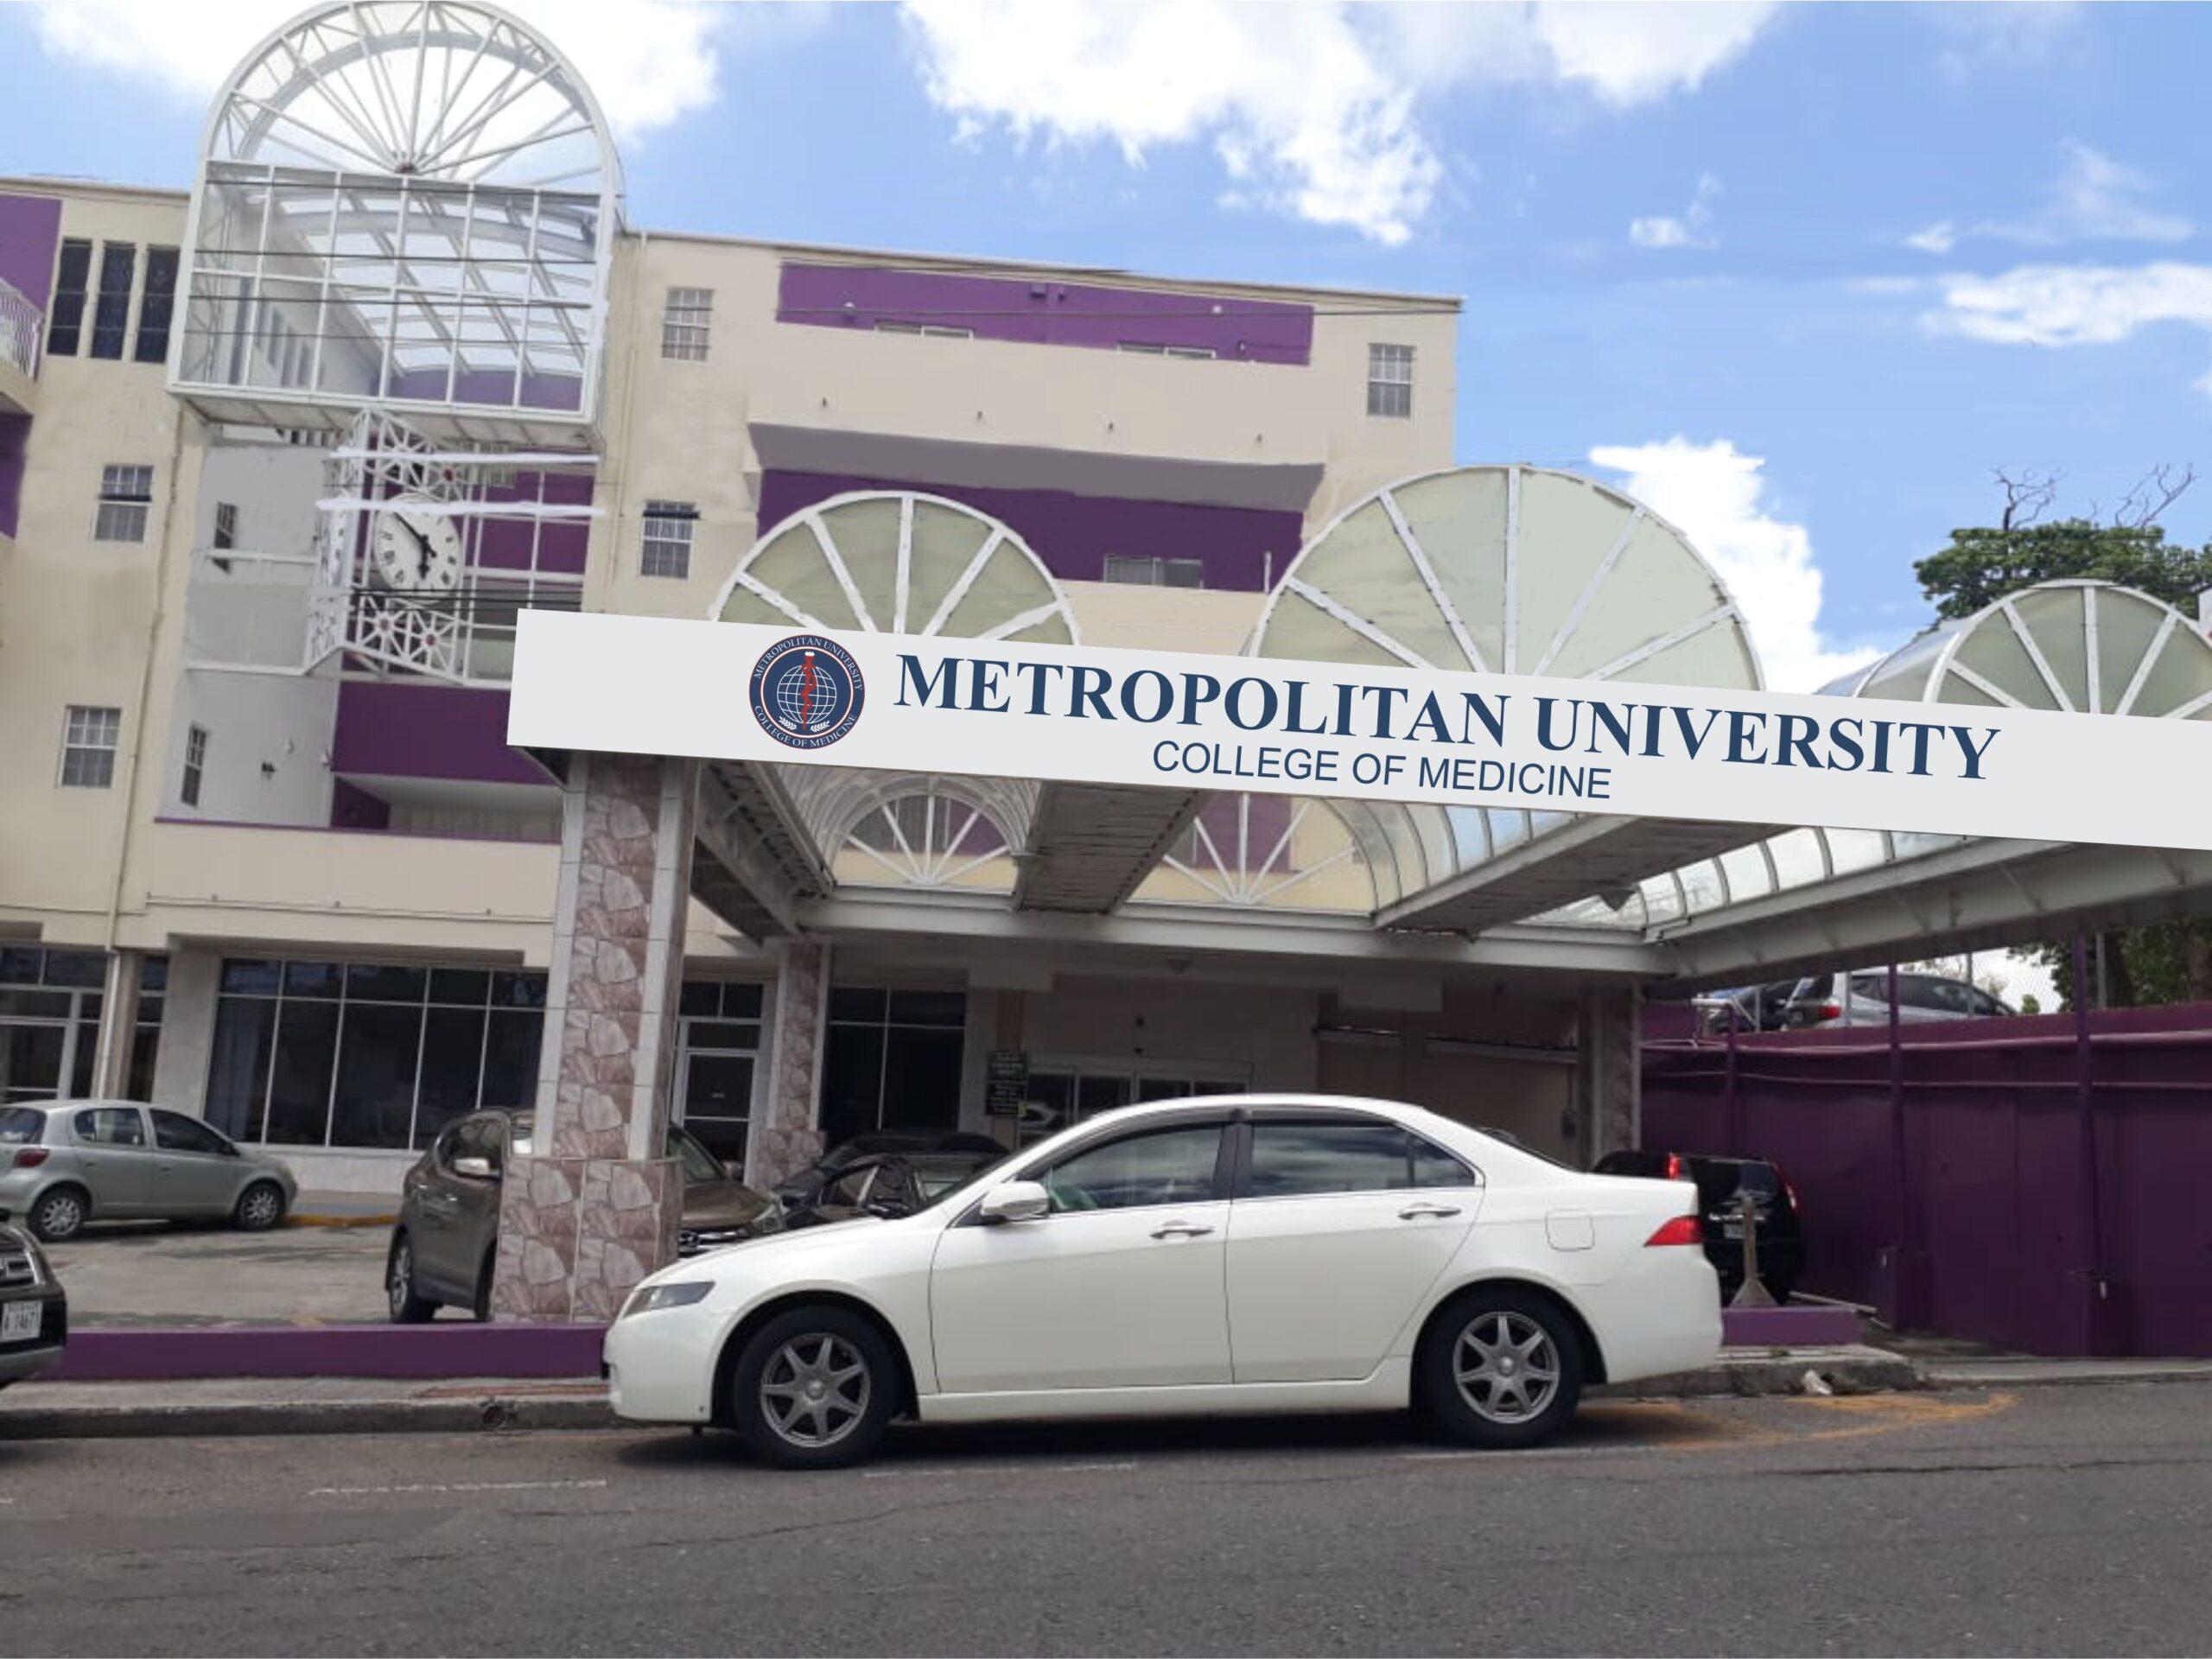 Metropolitan University College of Medicine annonce des bourses d'études allant jusqu'à 50%. ©DR